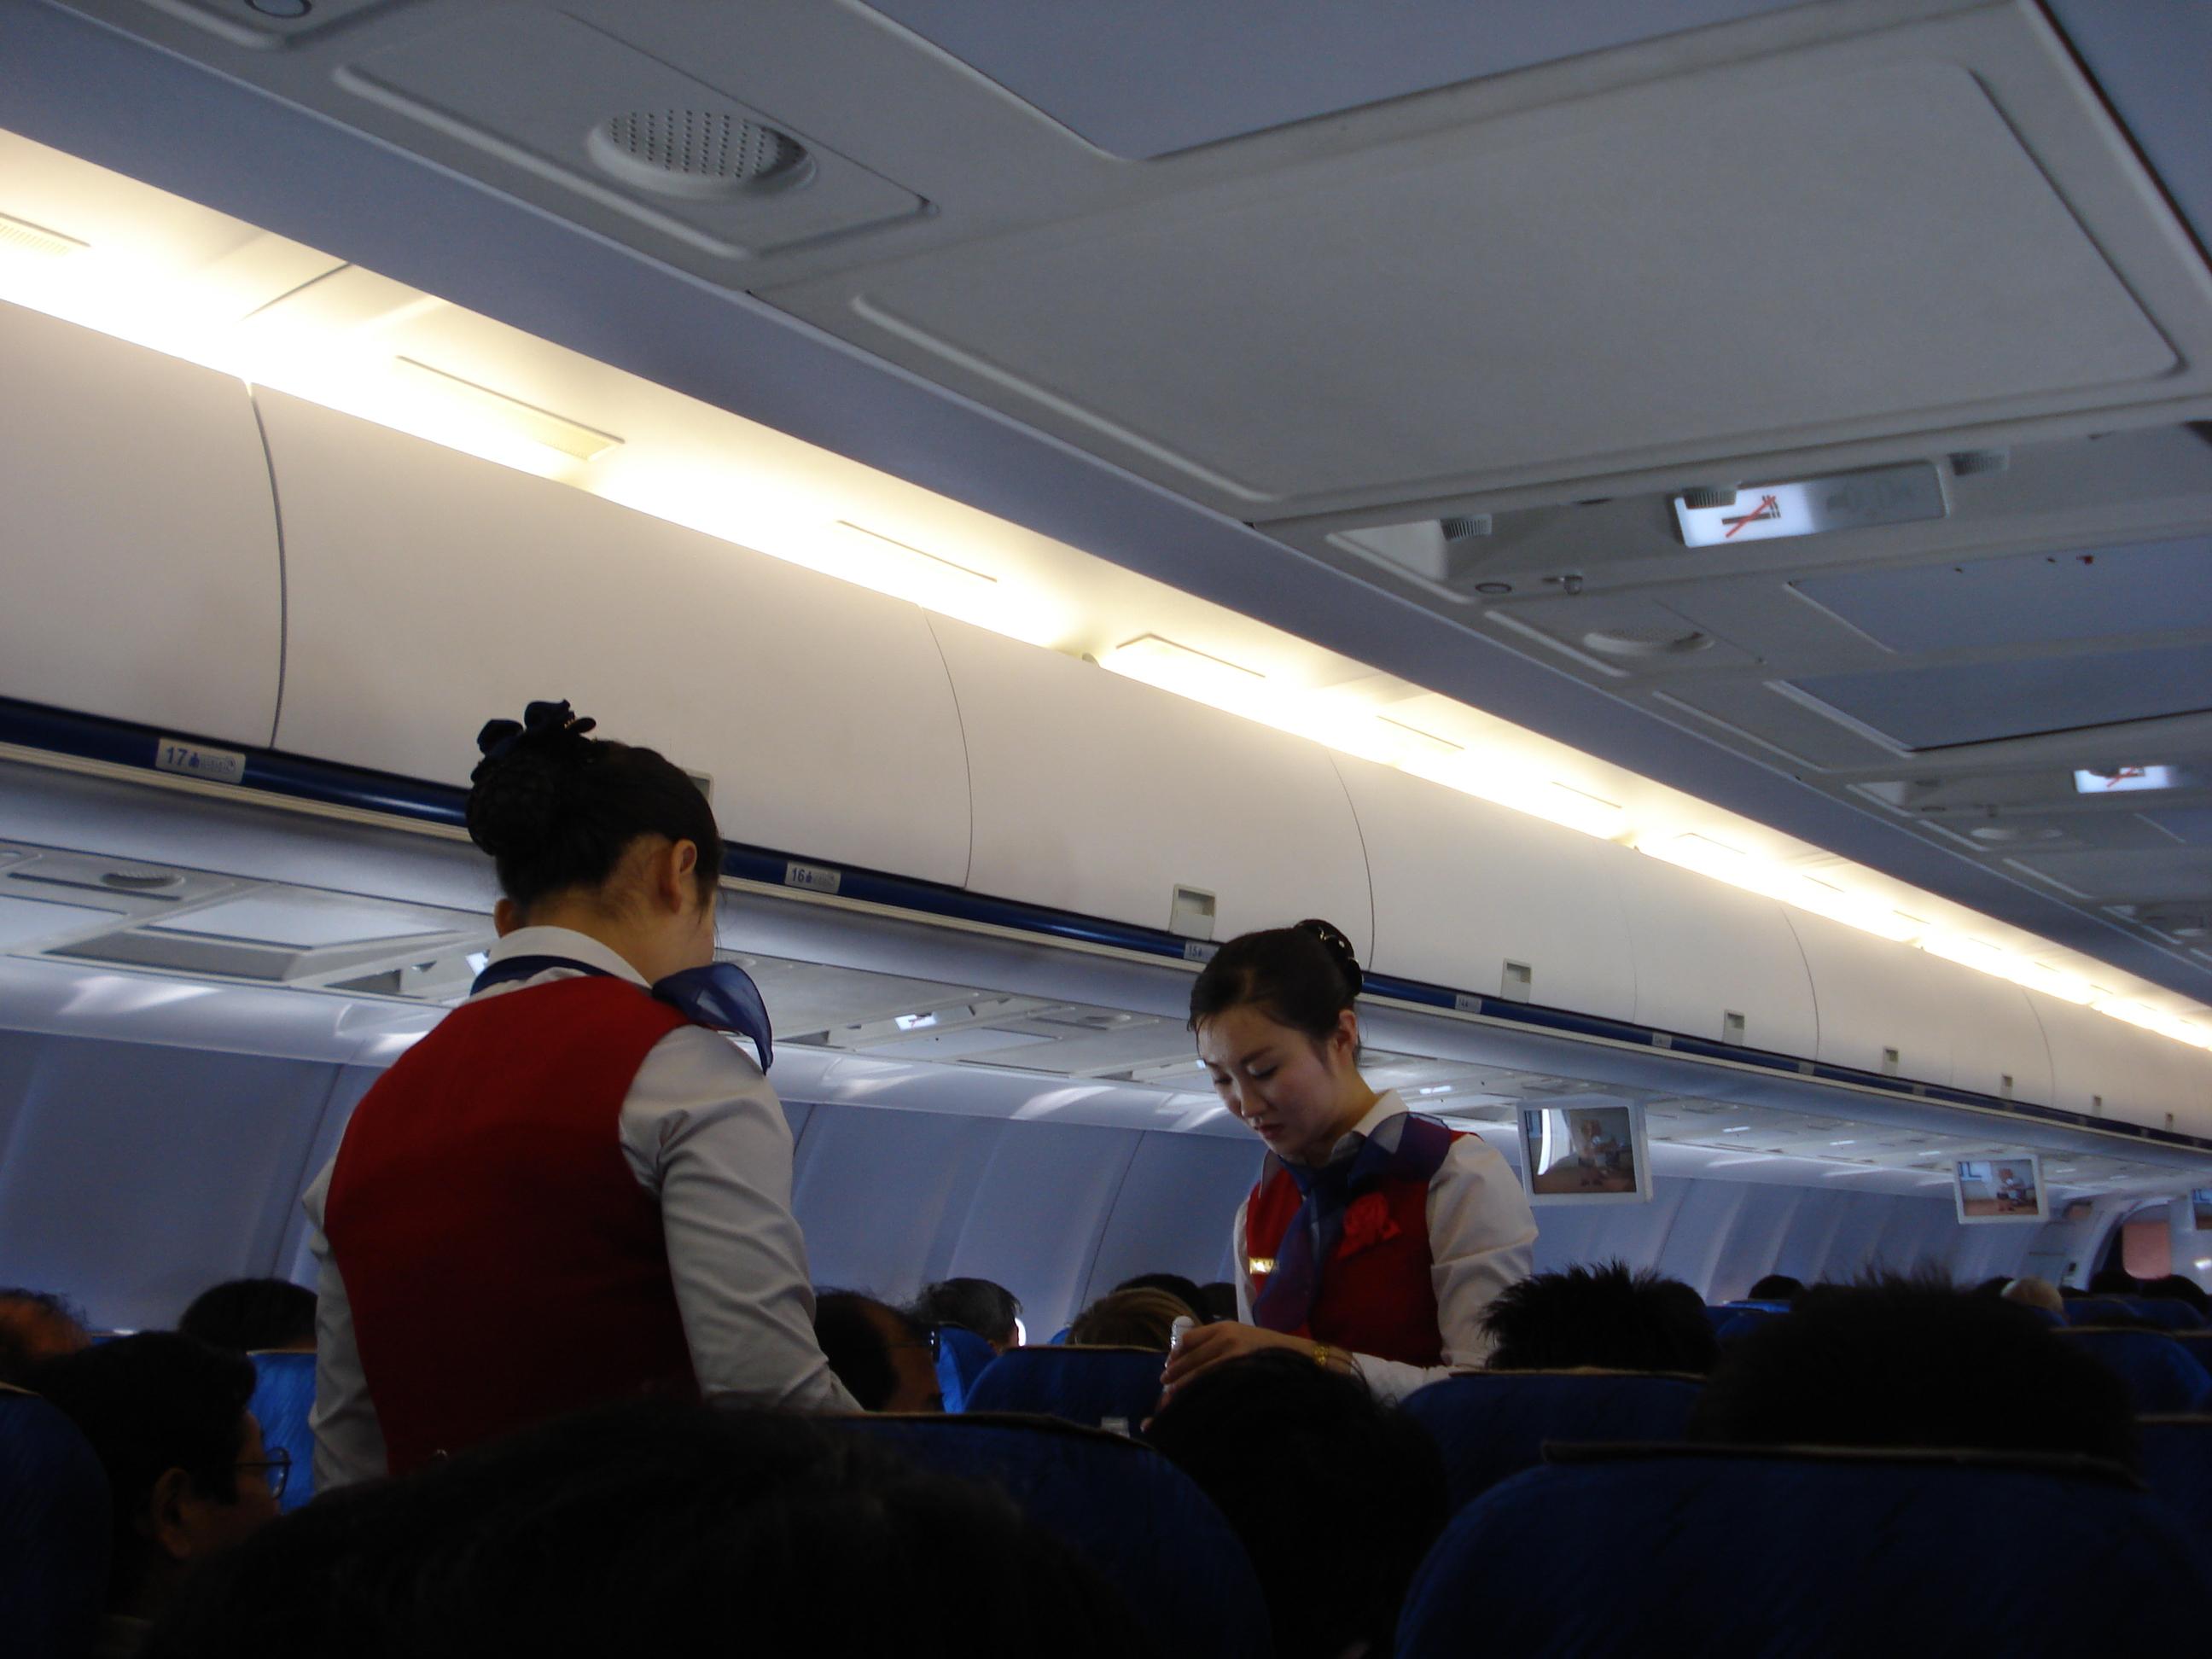 Mësoni të fshehtën – Pse stjuardesat mbajnë duart pas kurrizit kur presin pasagjerët